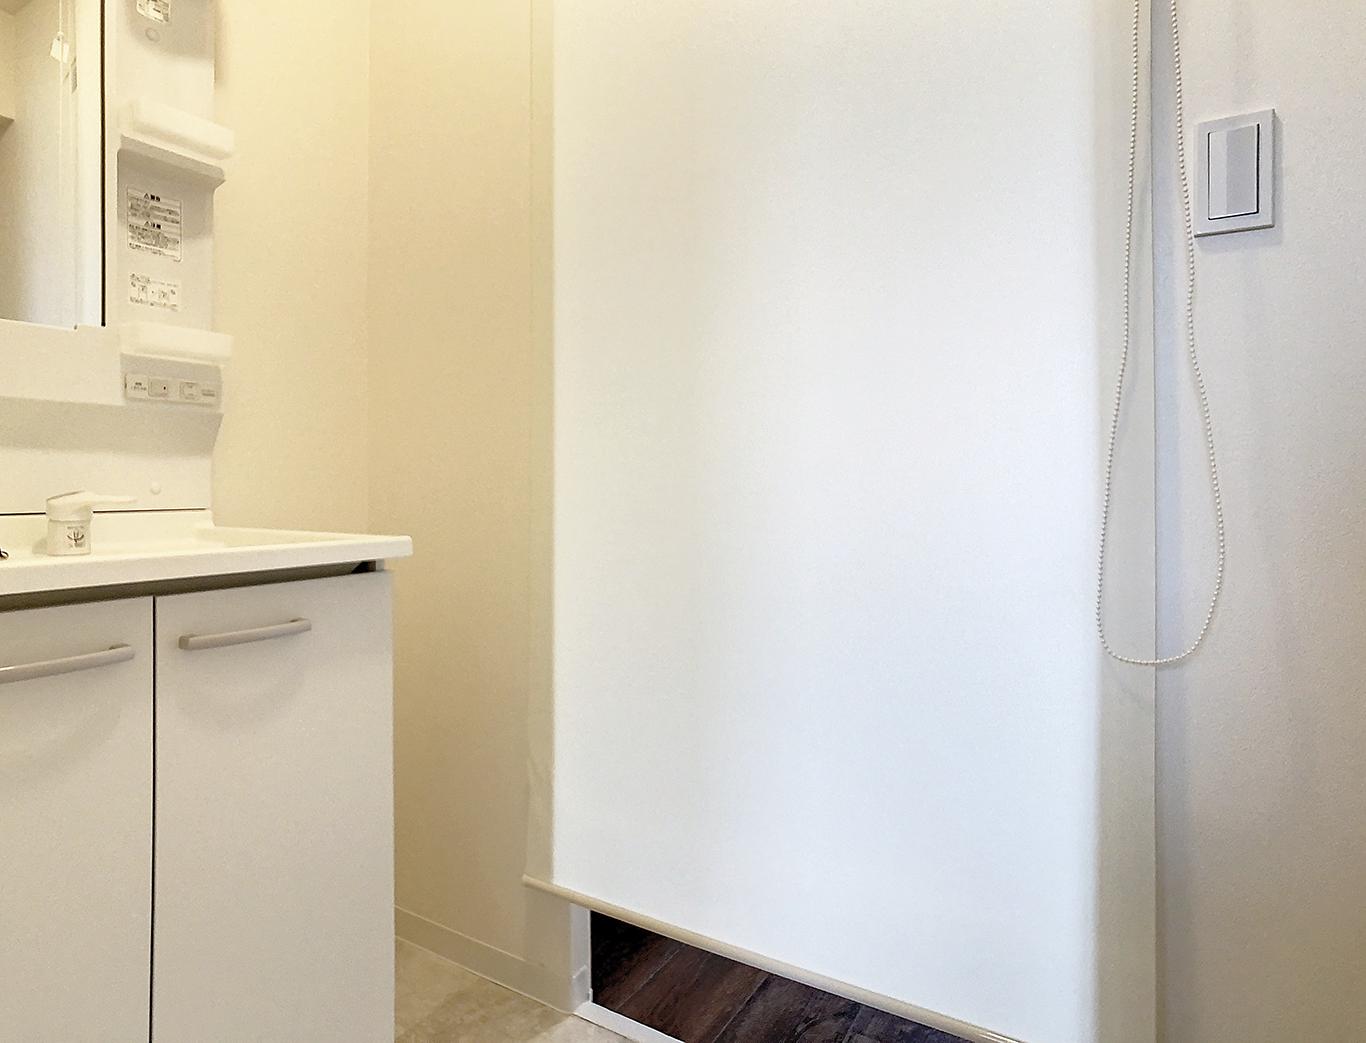 洗面化粧台も新品!ロールスクリーンで廊下からも見えないようになっています。